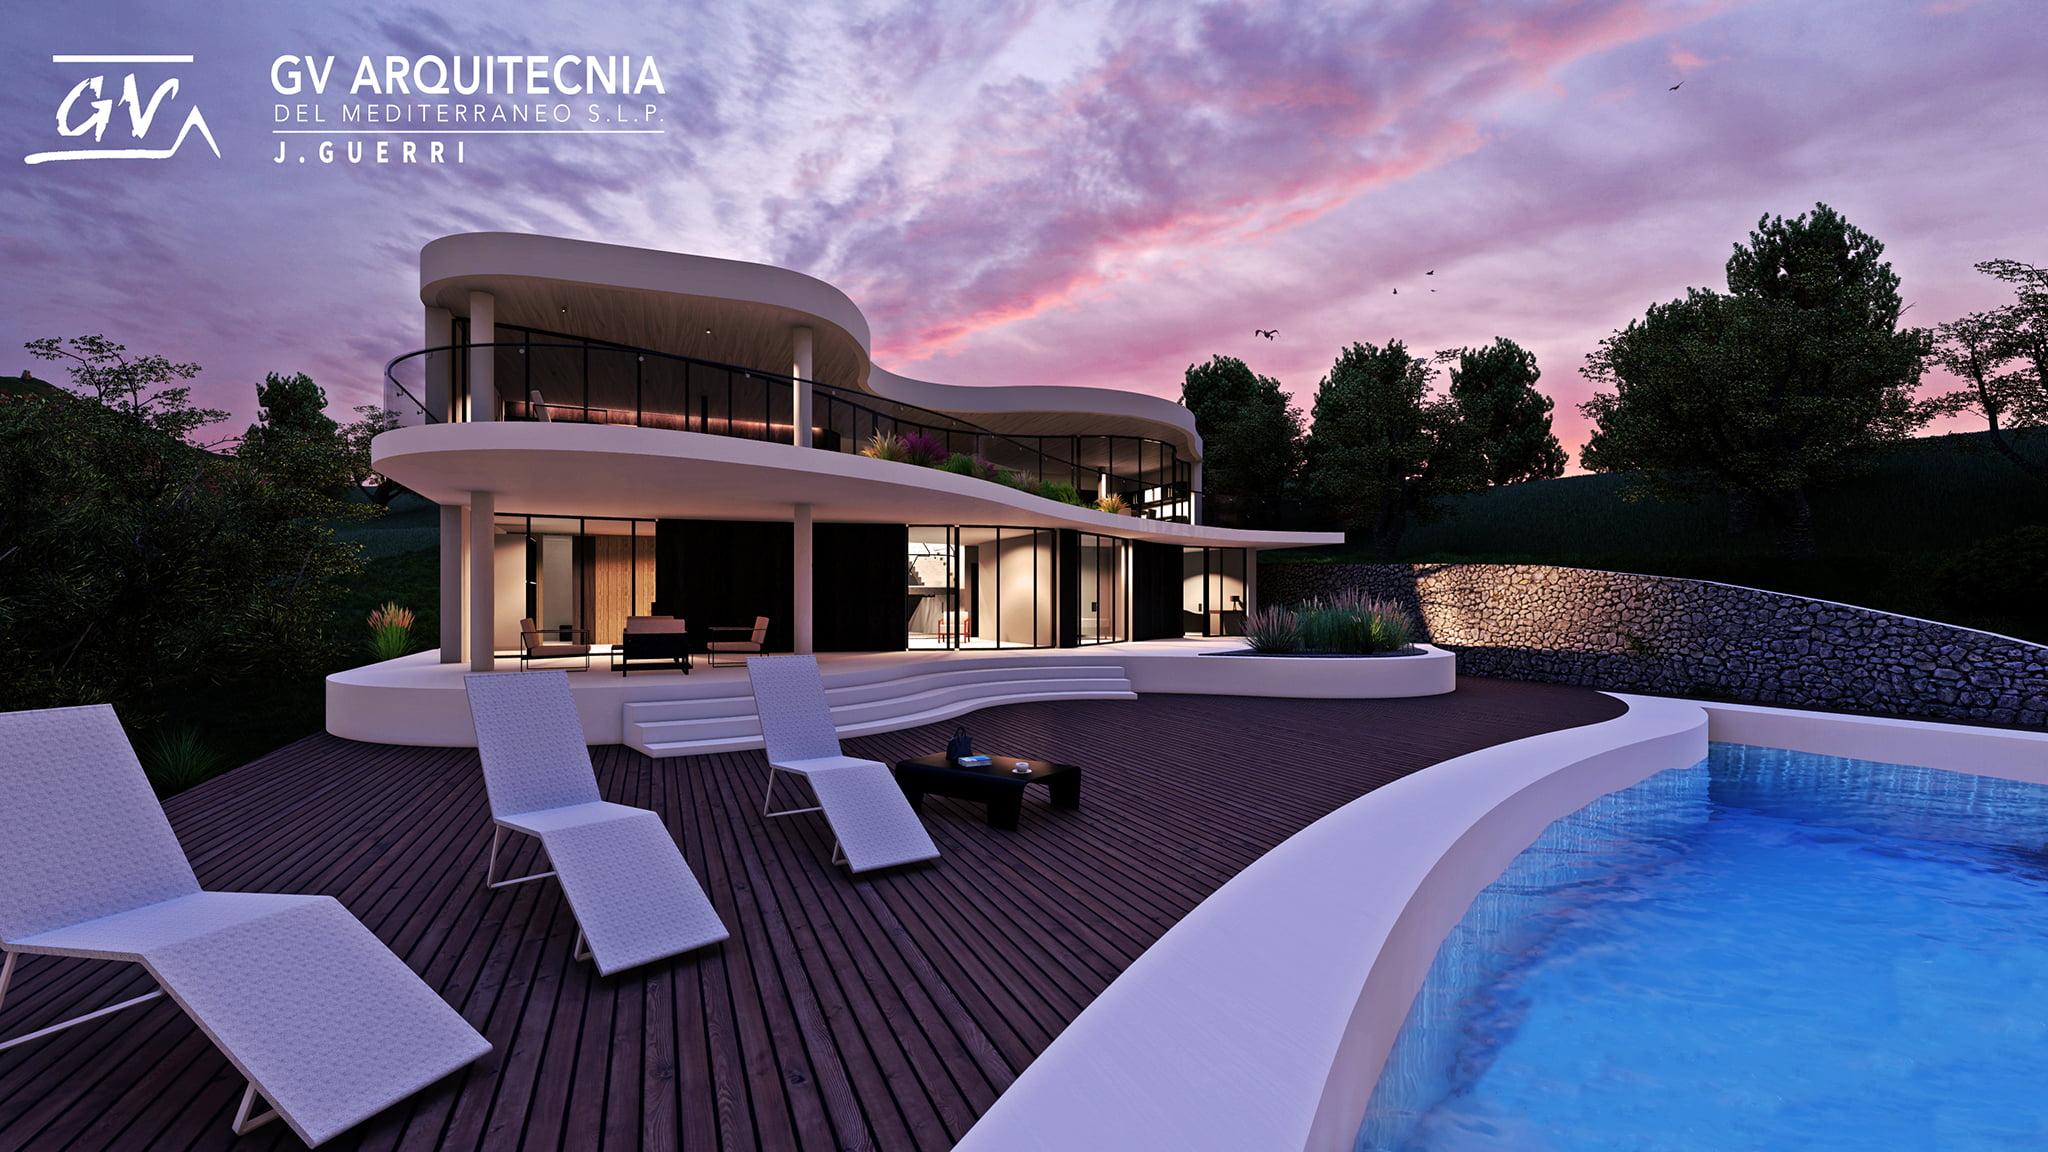 Exterior GV Arquitecnia project